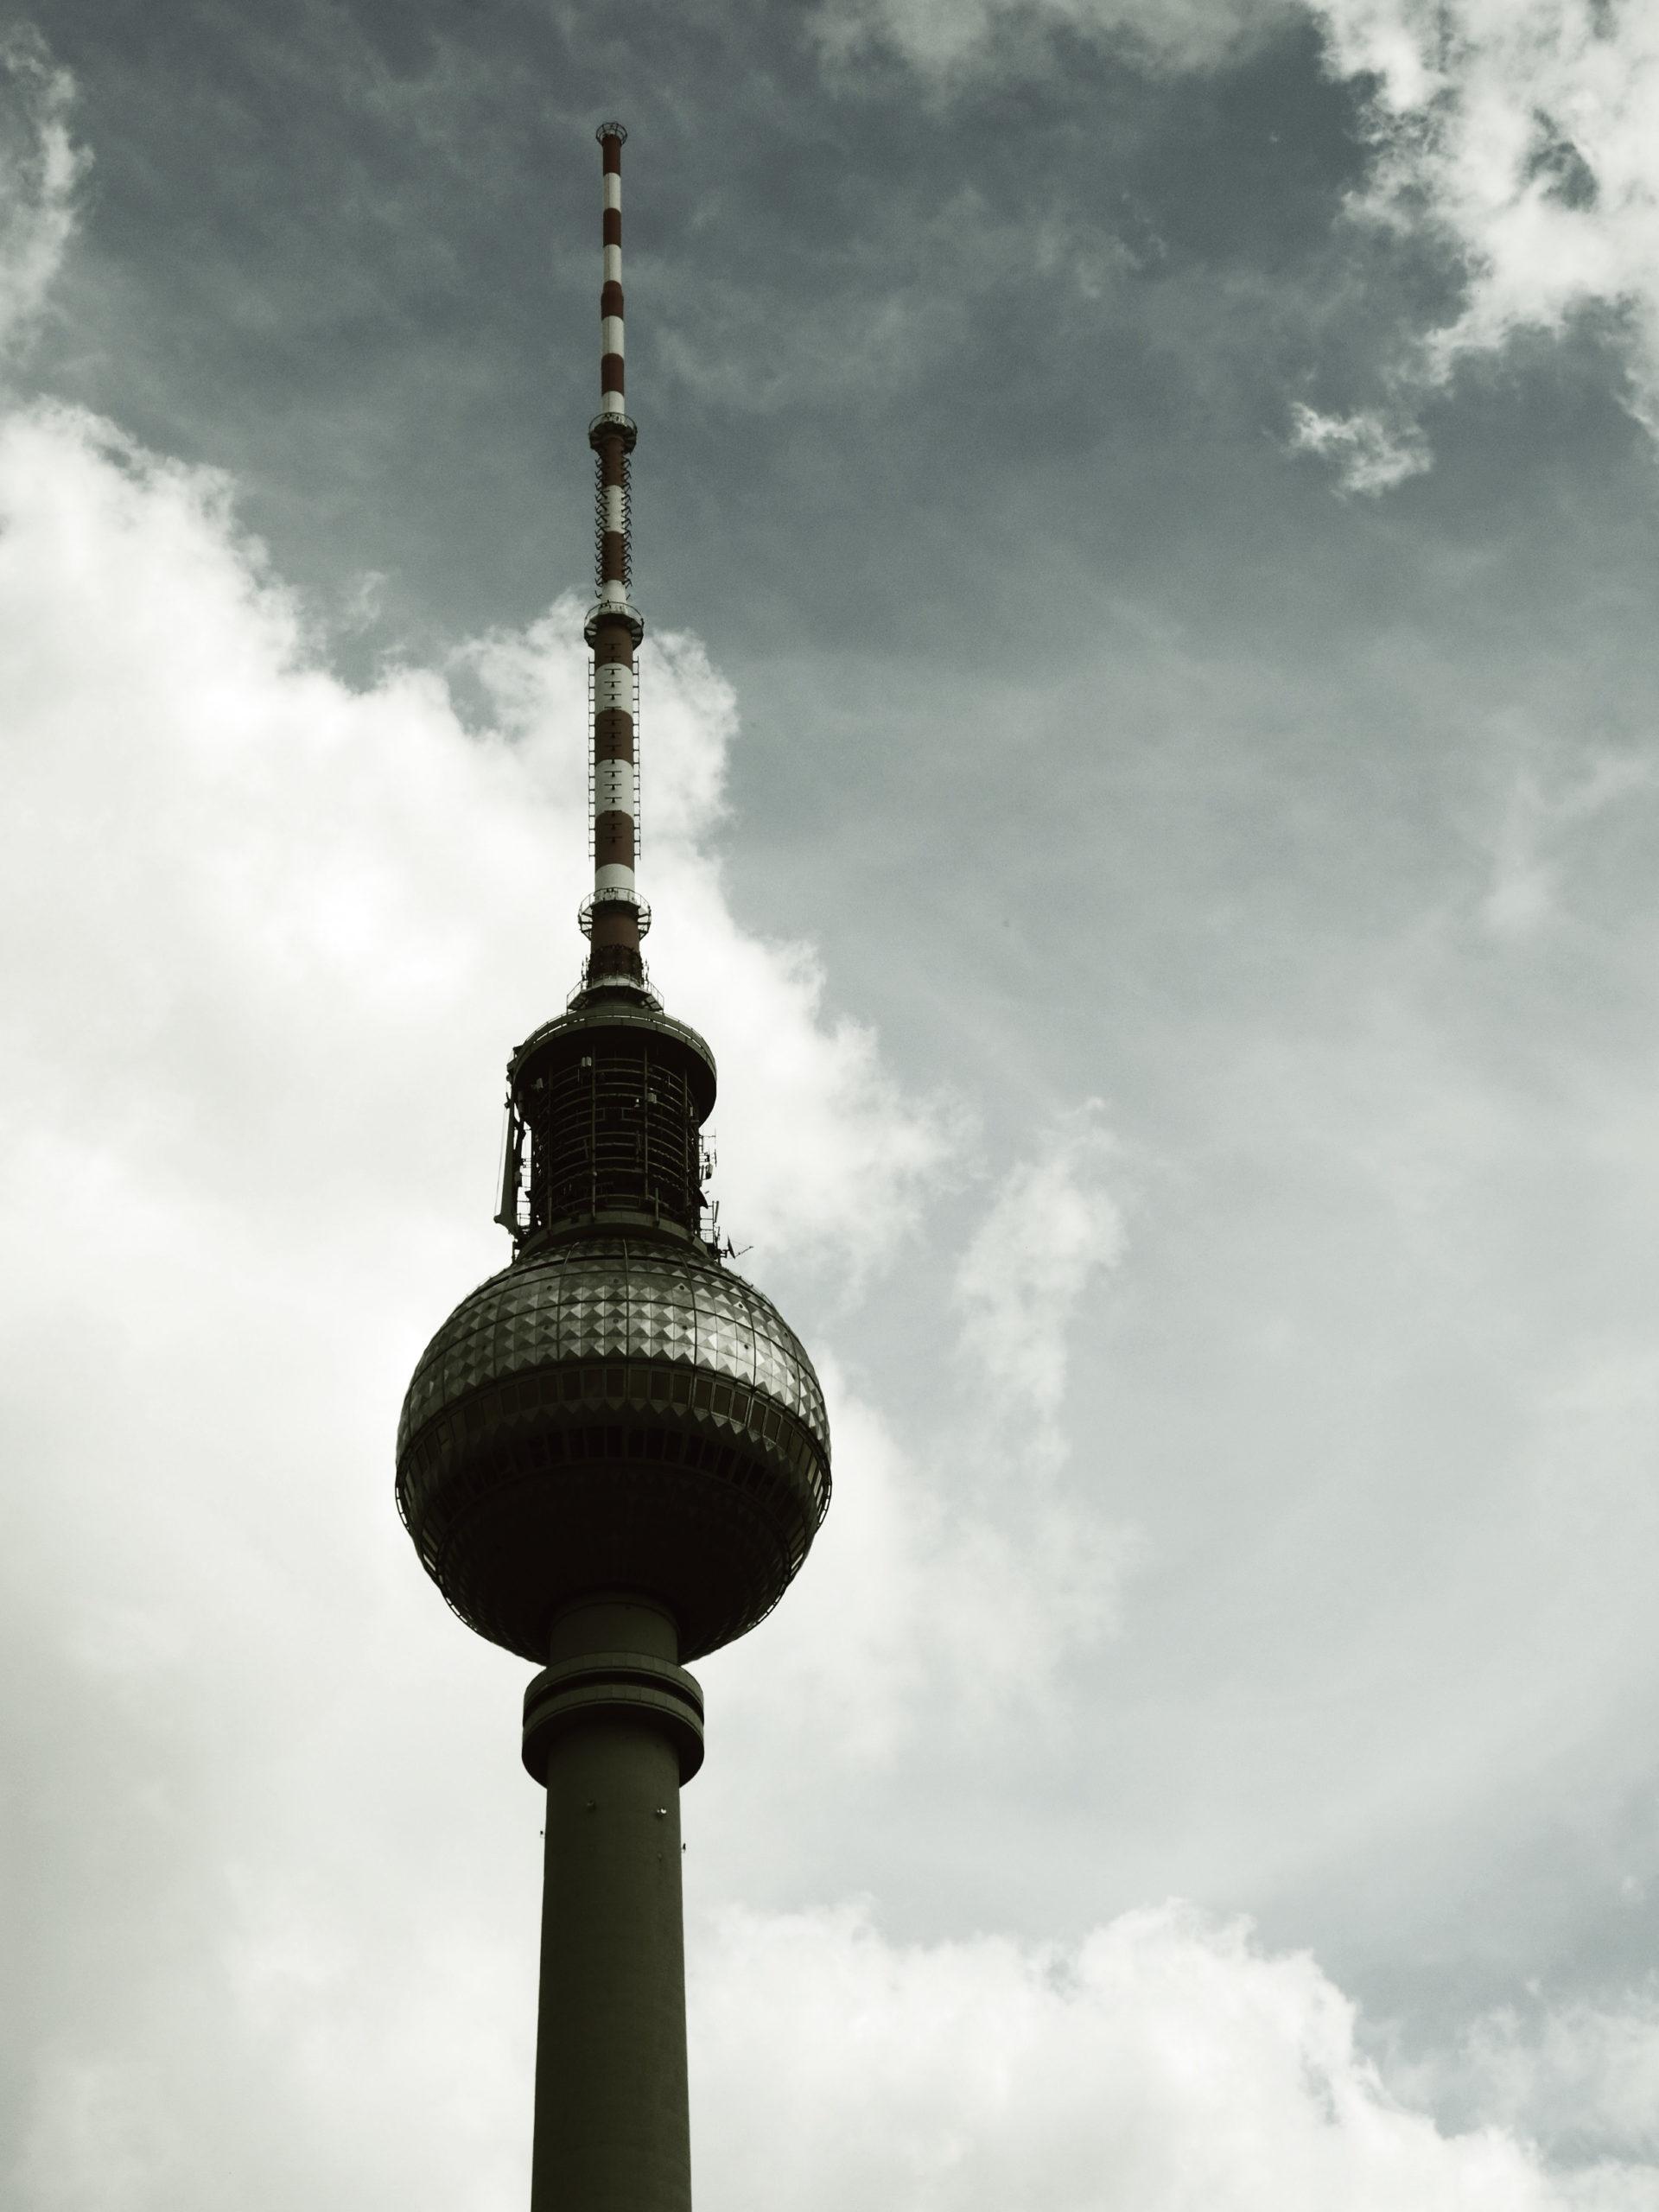 DSCN2782-Berlin-Fernsehturm